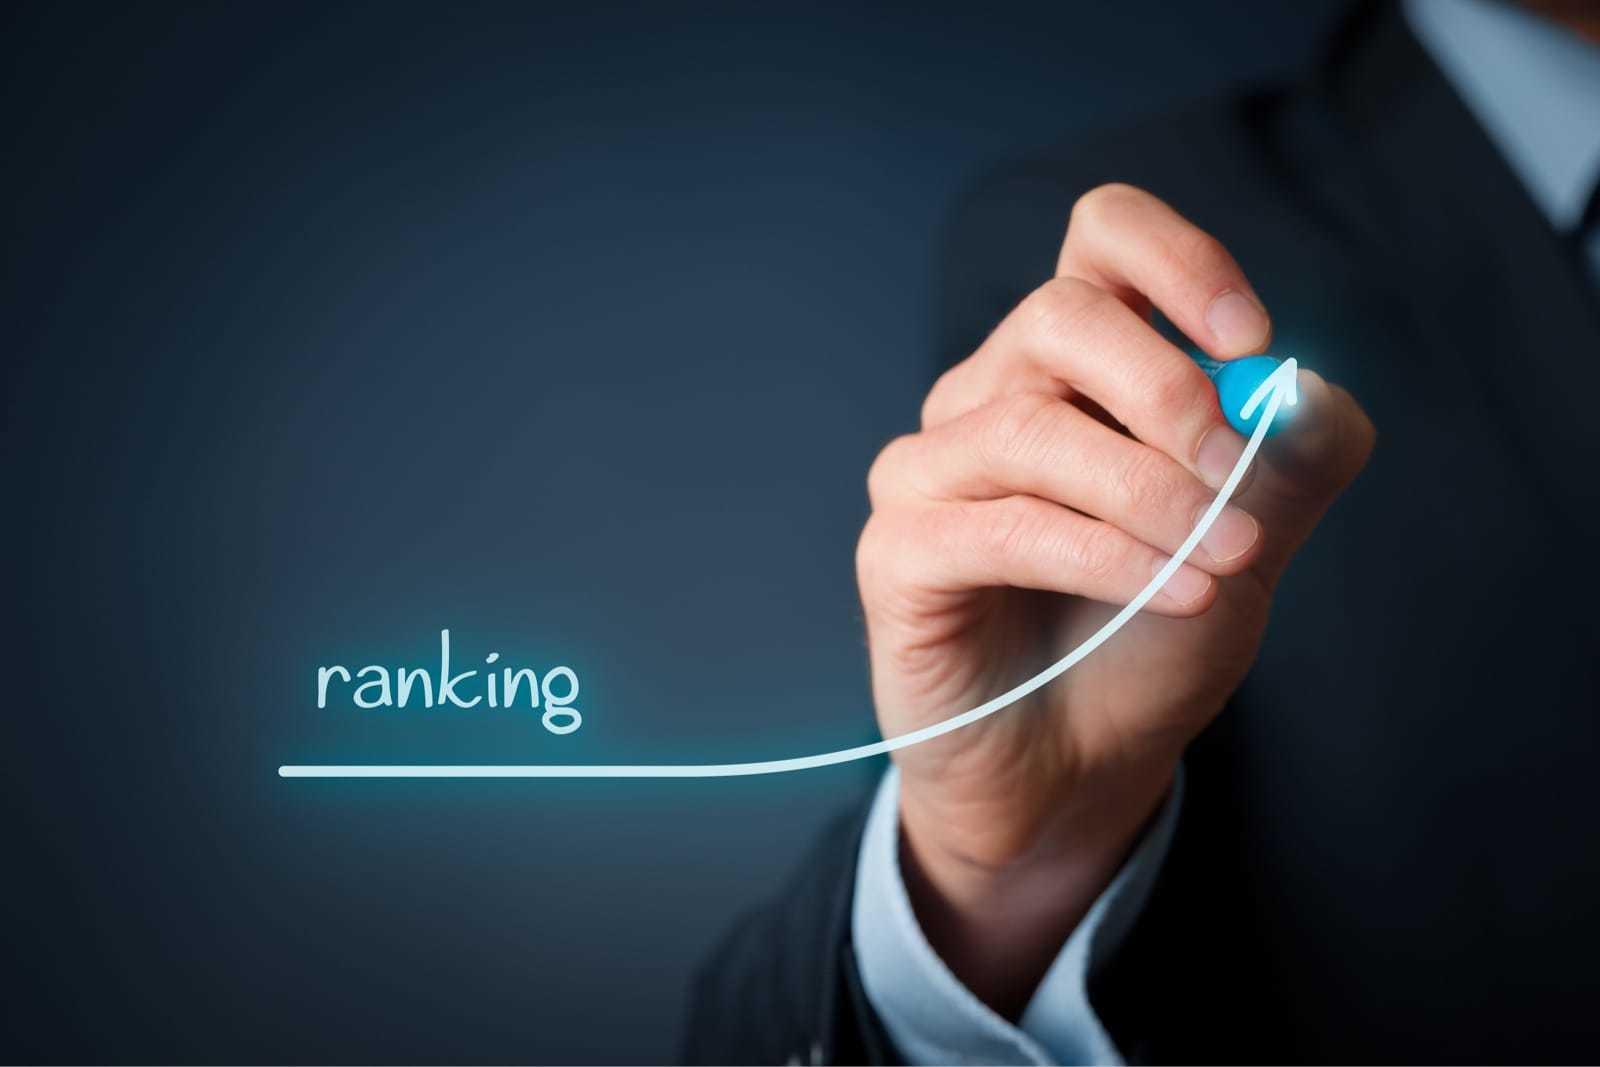 rankingが上昇するイメージ